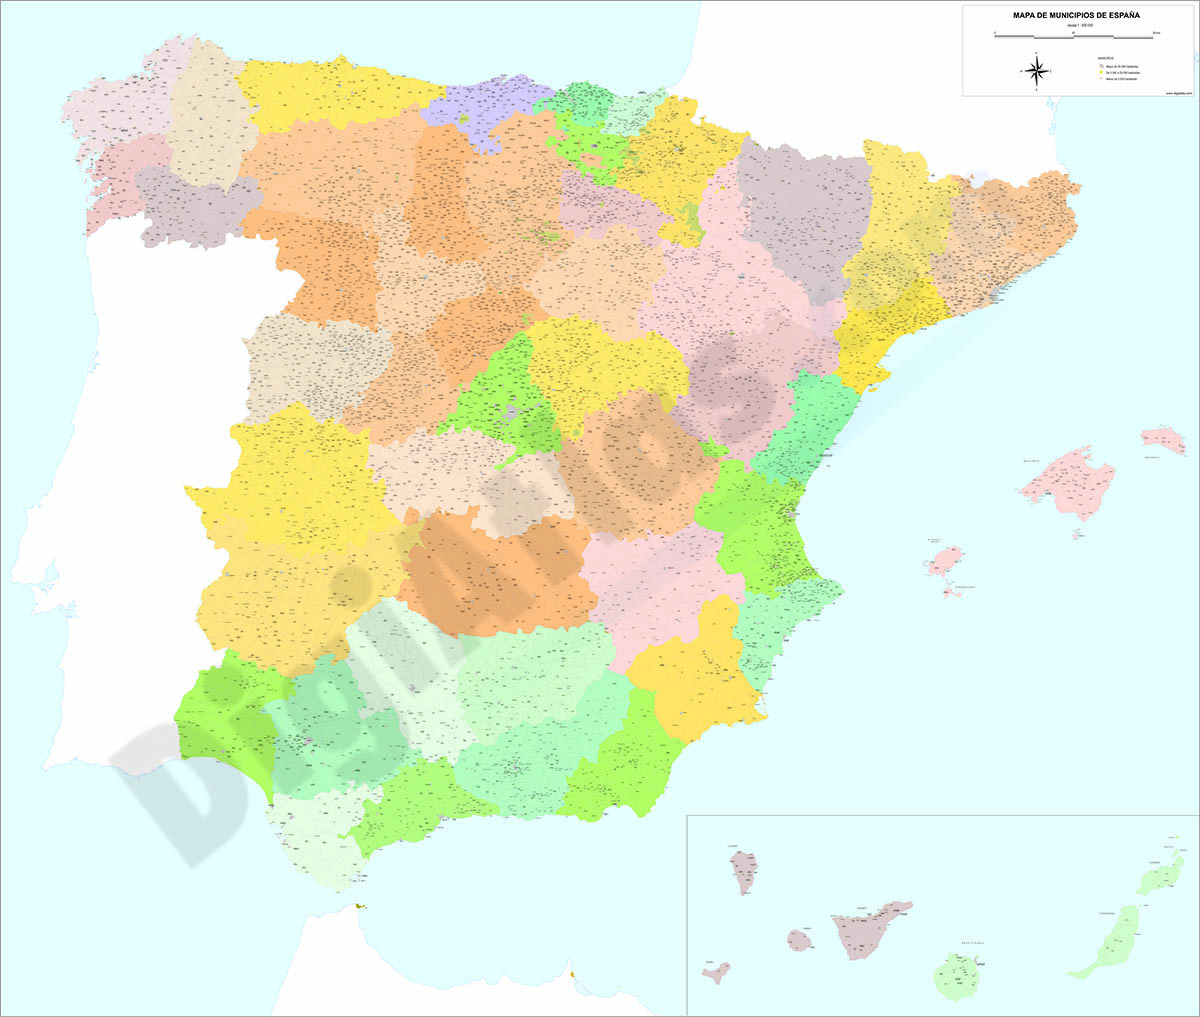 Mapa de España con municipios